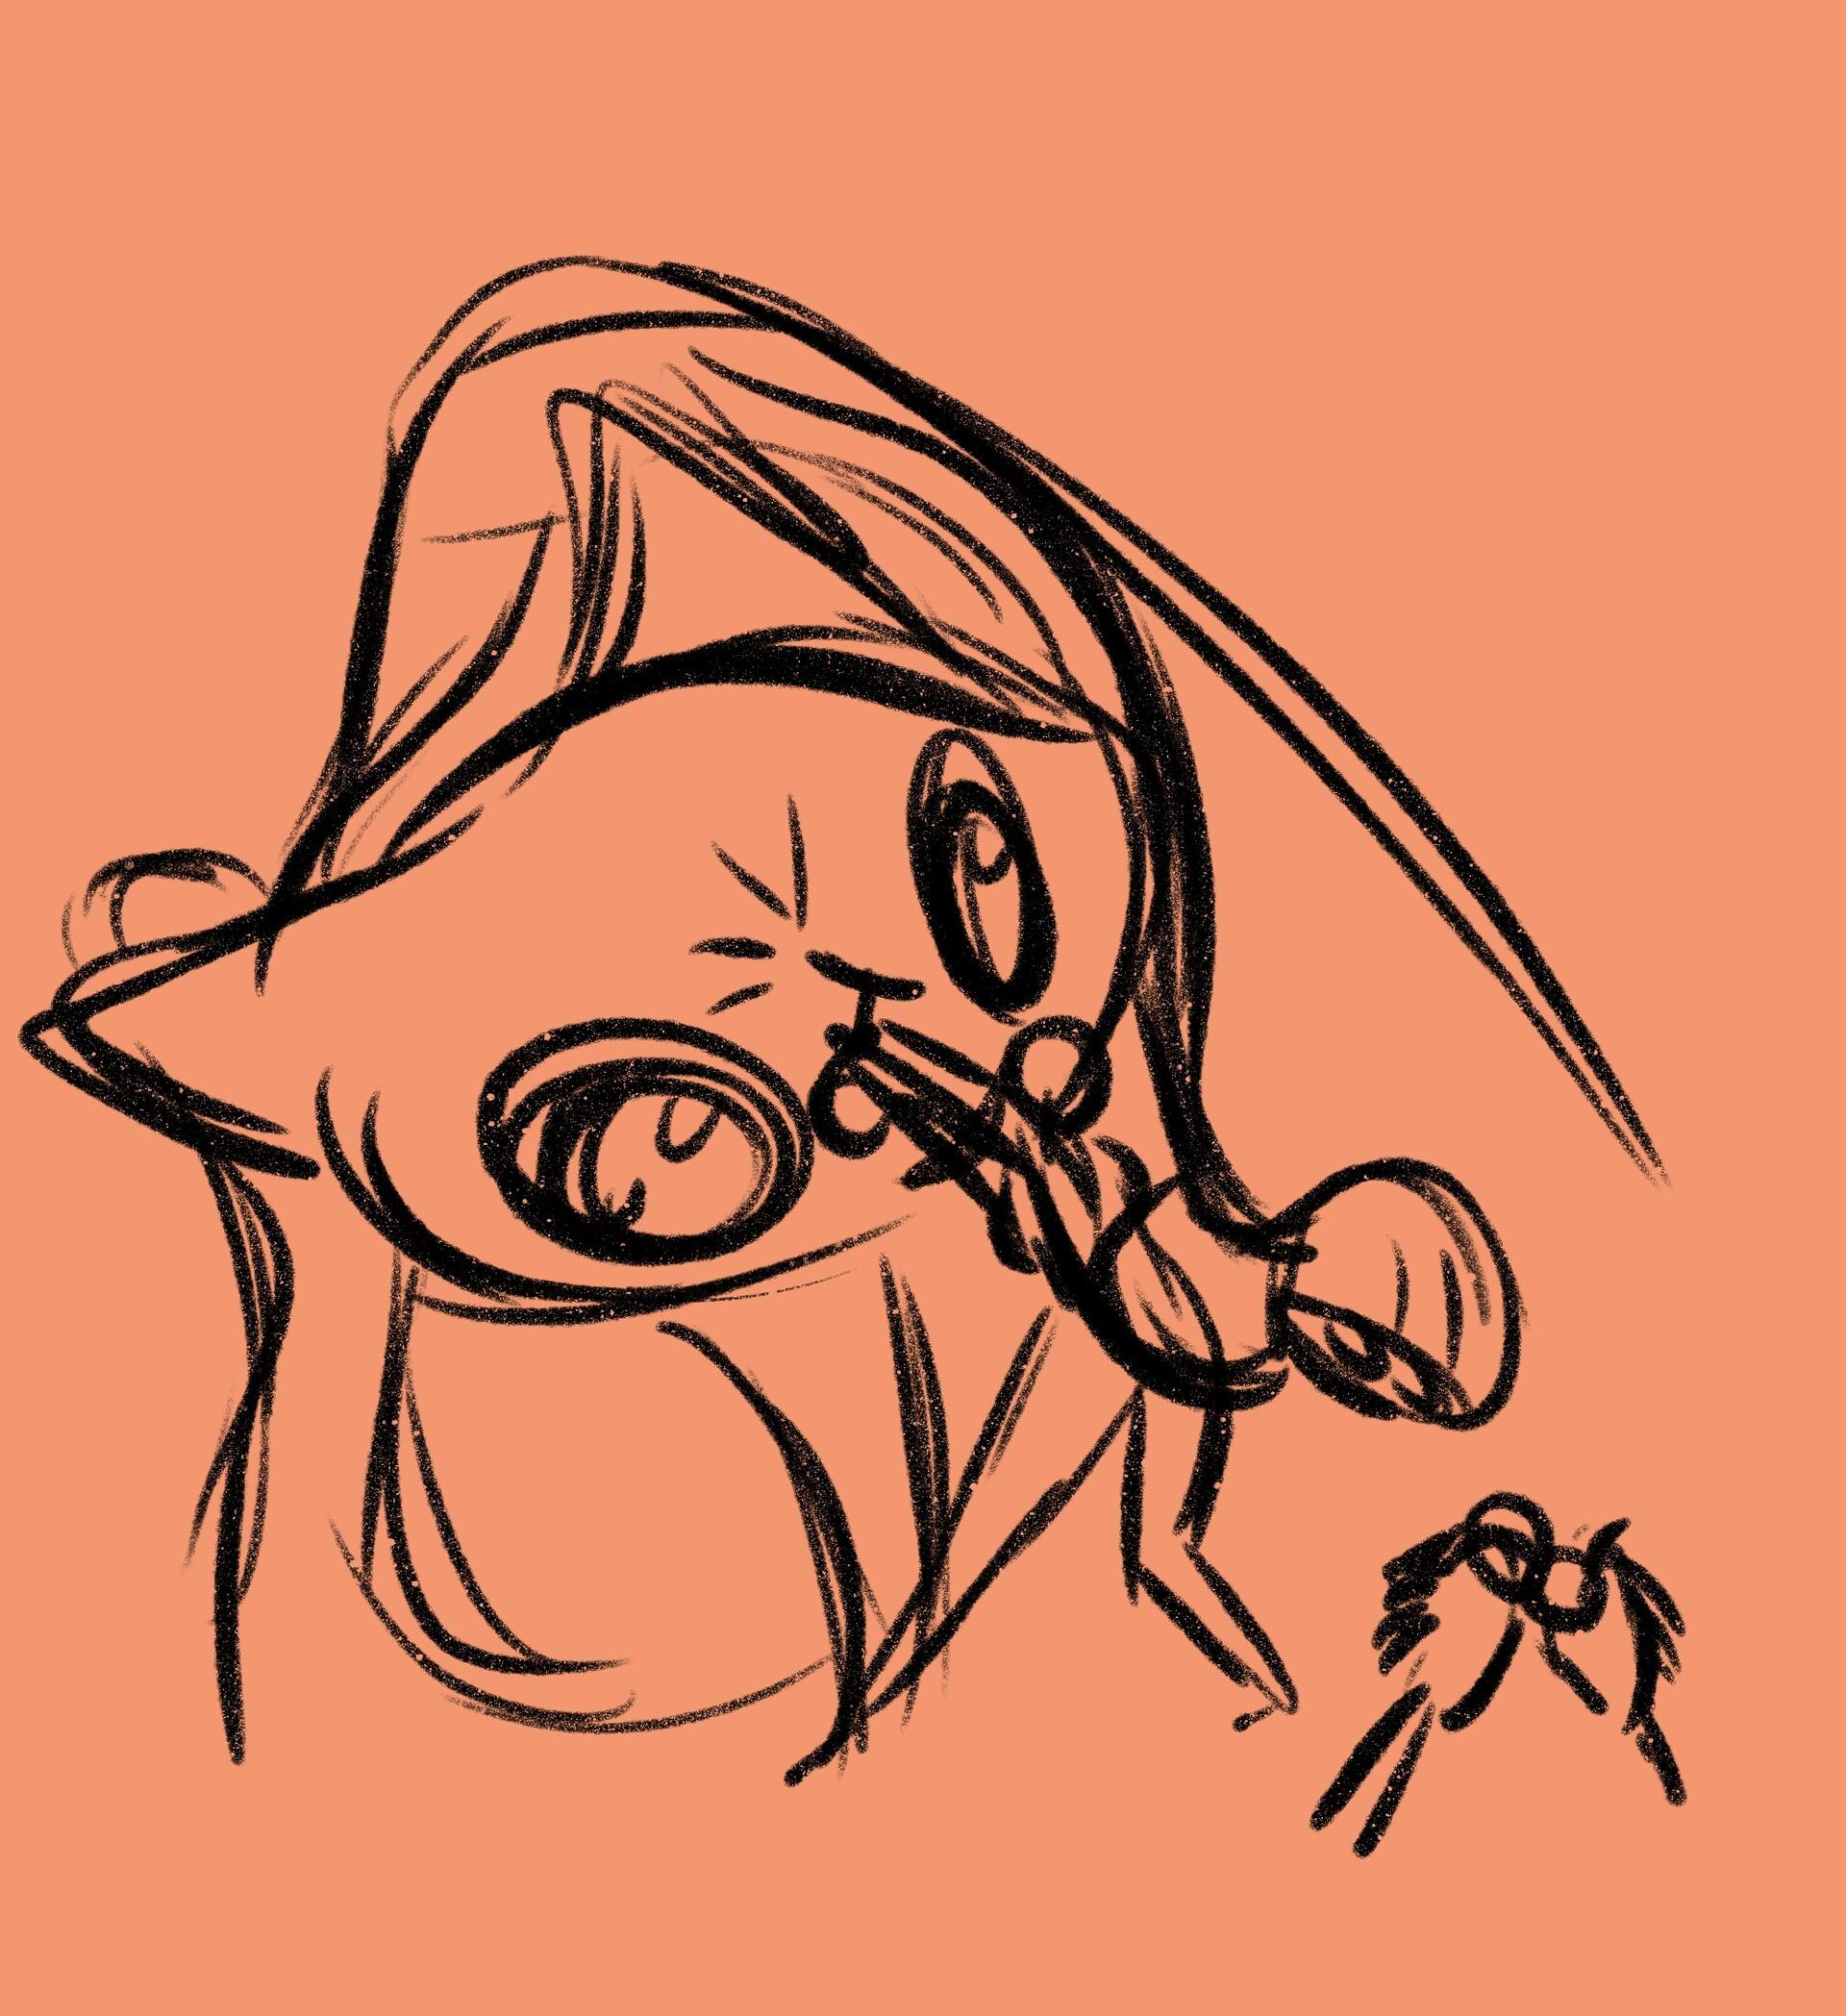 Sara ruiz prado ilustracion sin titulo 2